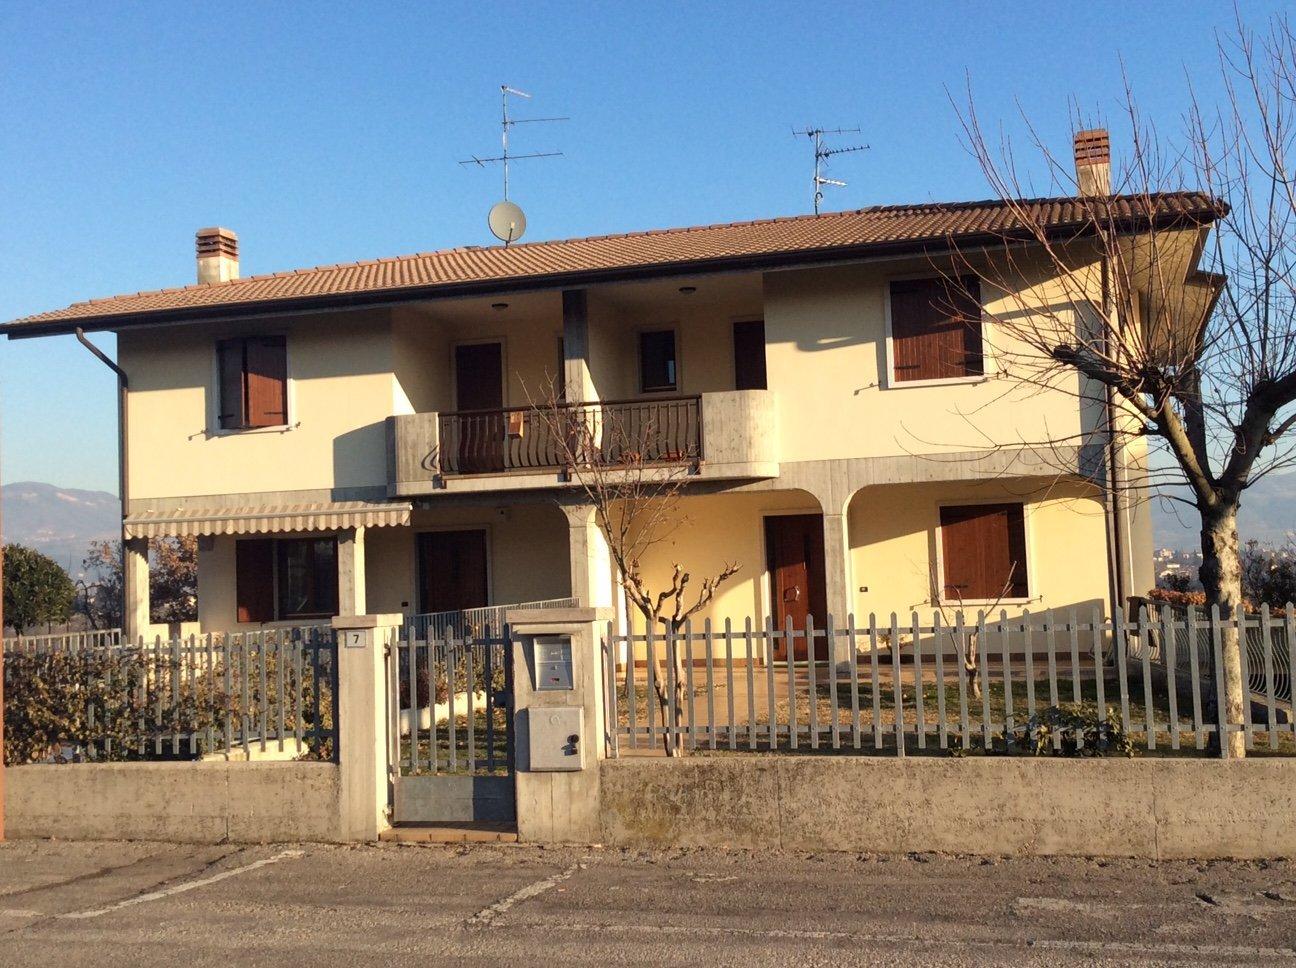 Villetta con giardino e balcone a toni chiari